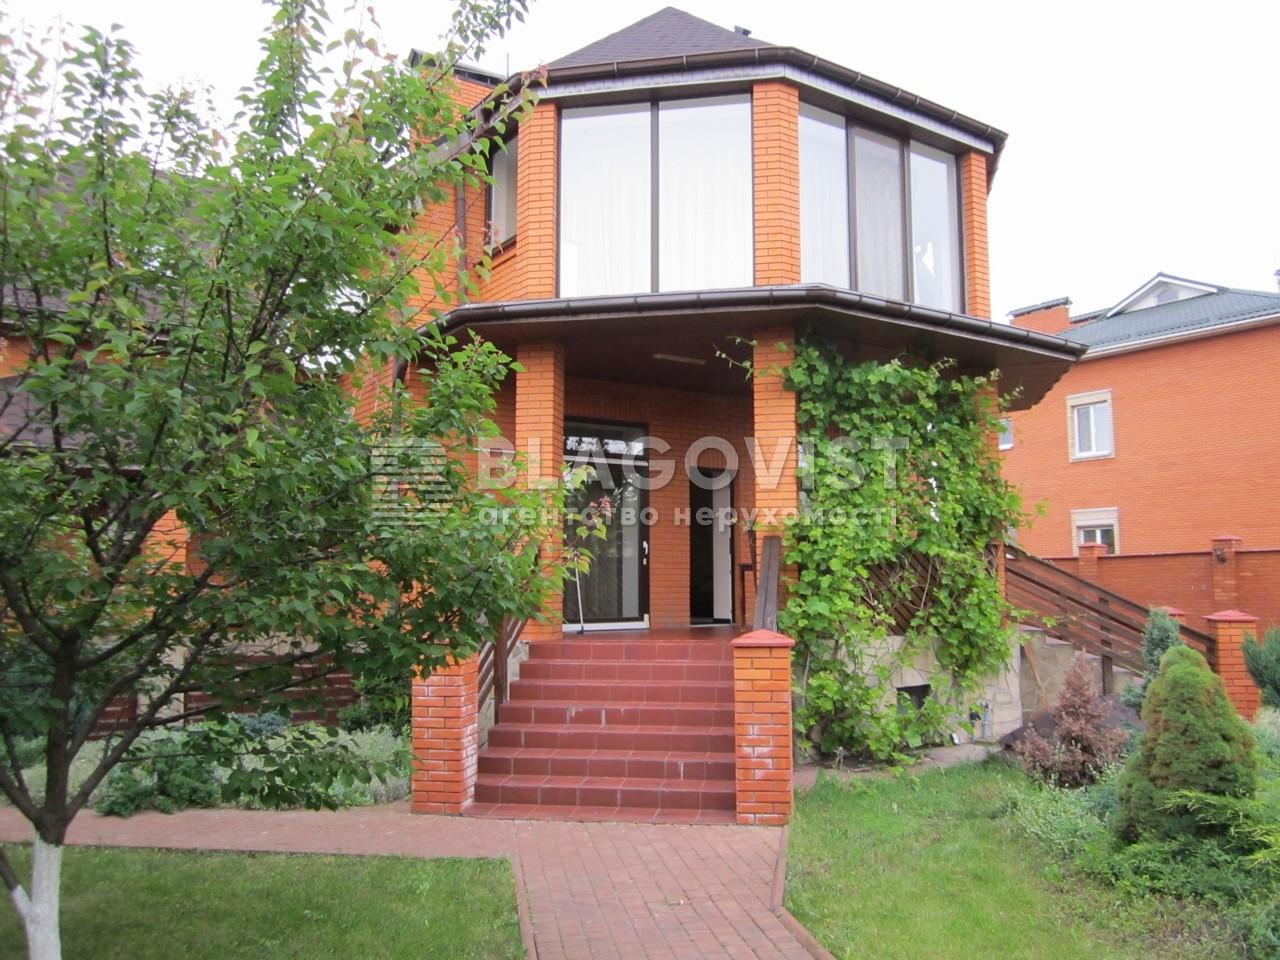 Дом F-26047, Богатырская, Киев - Фото 1